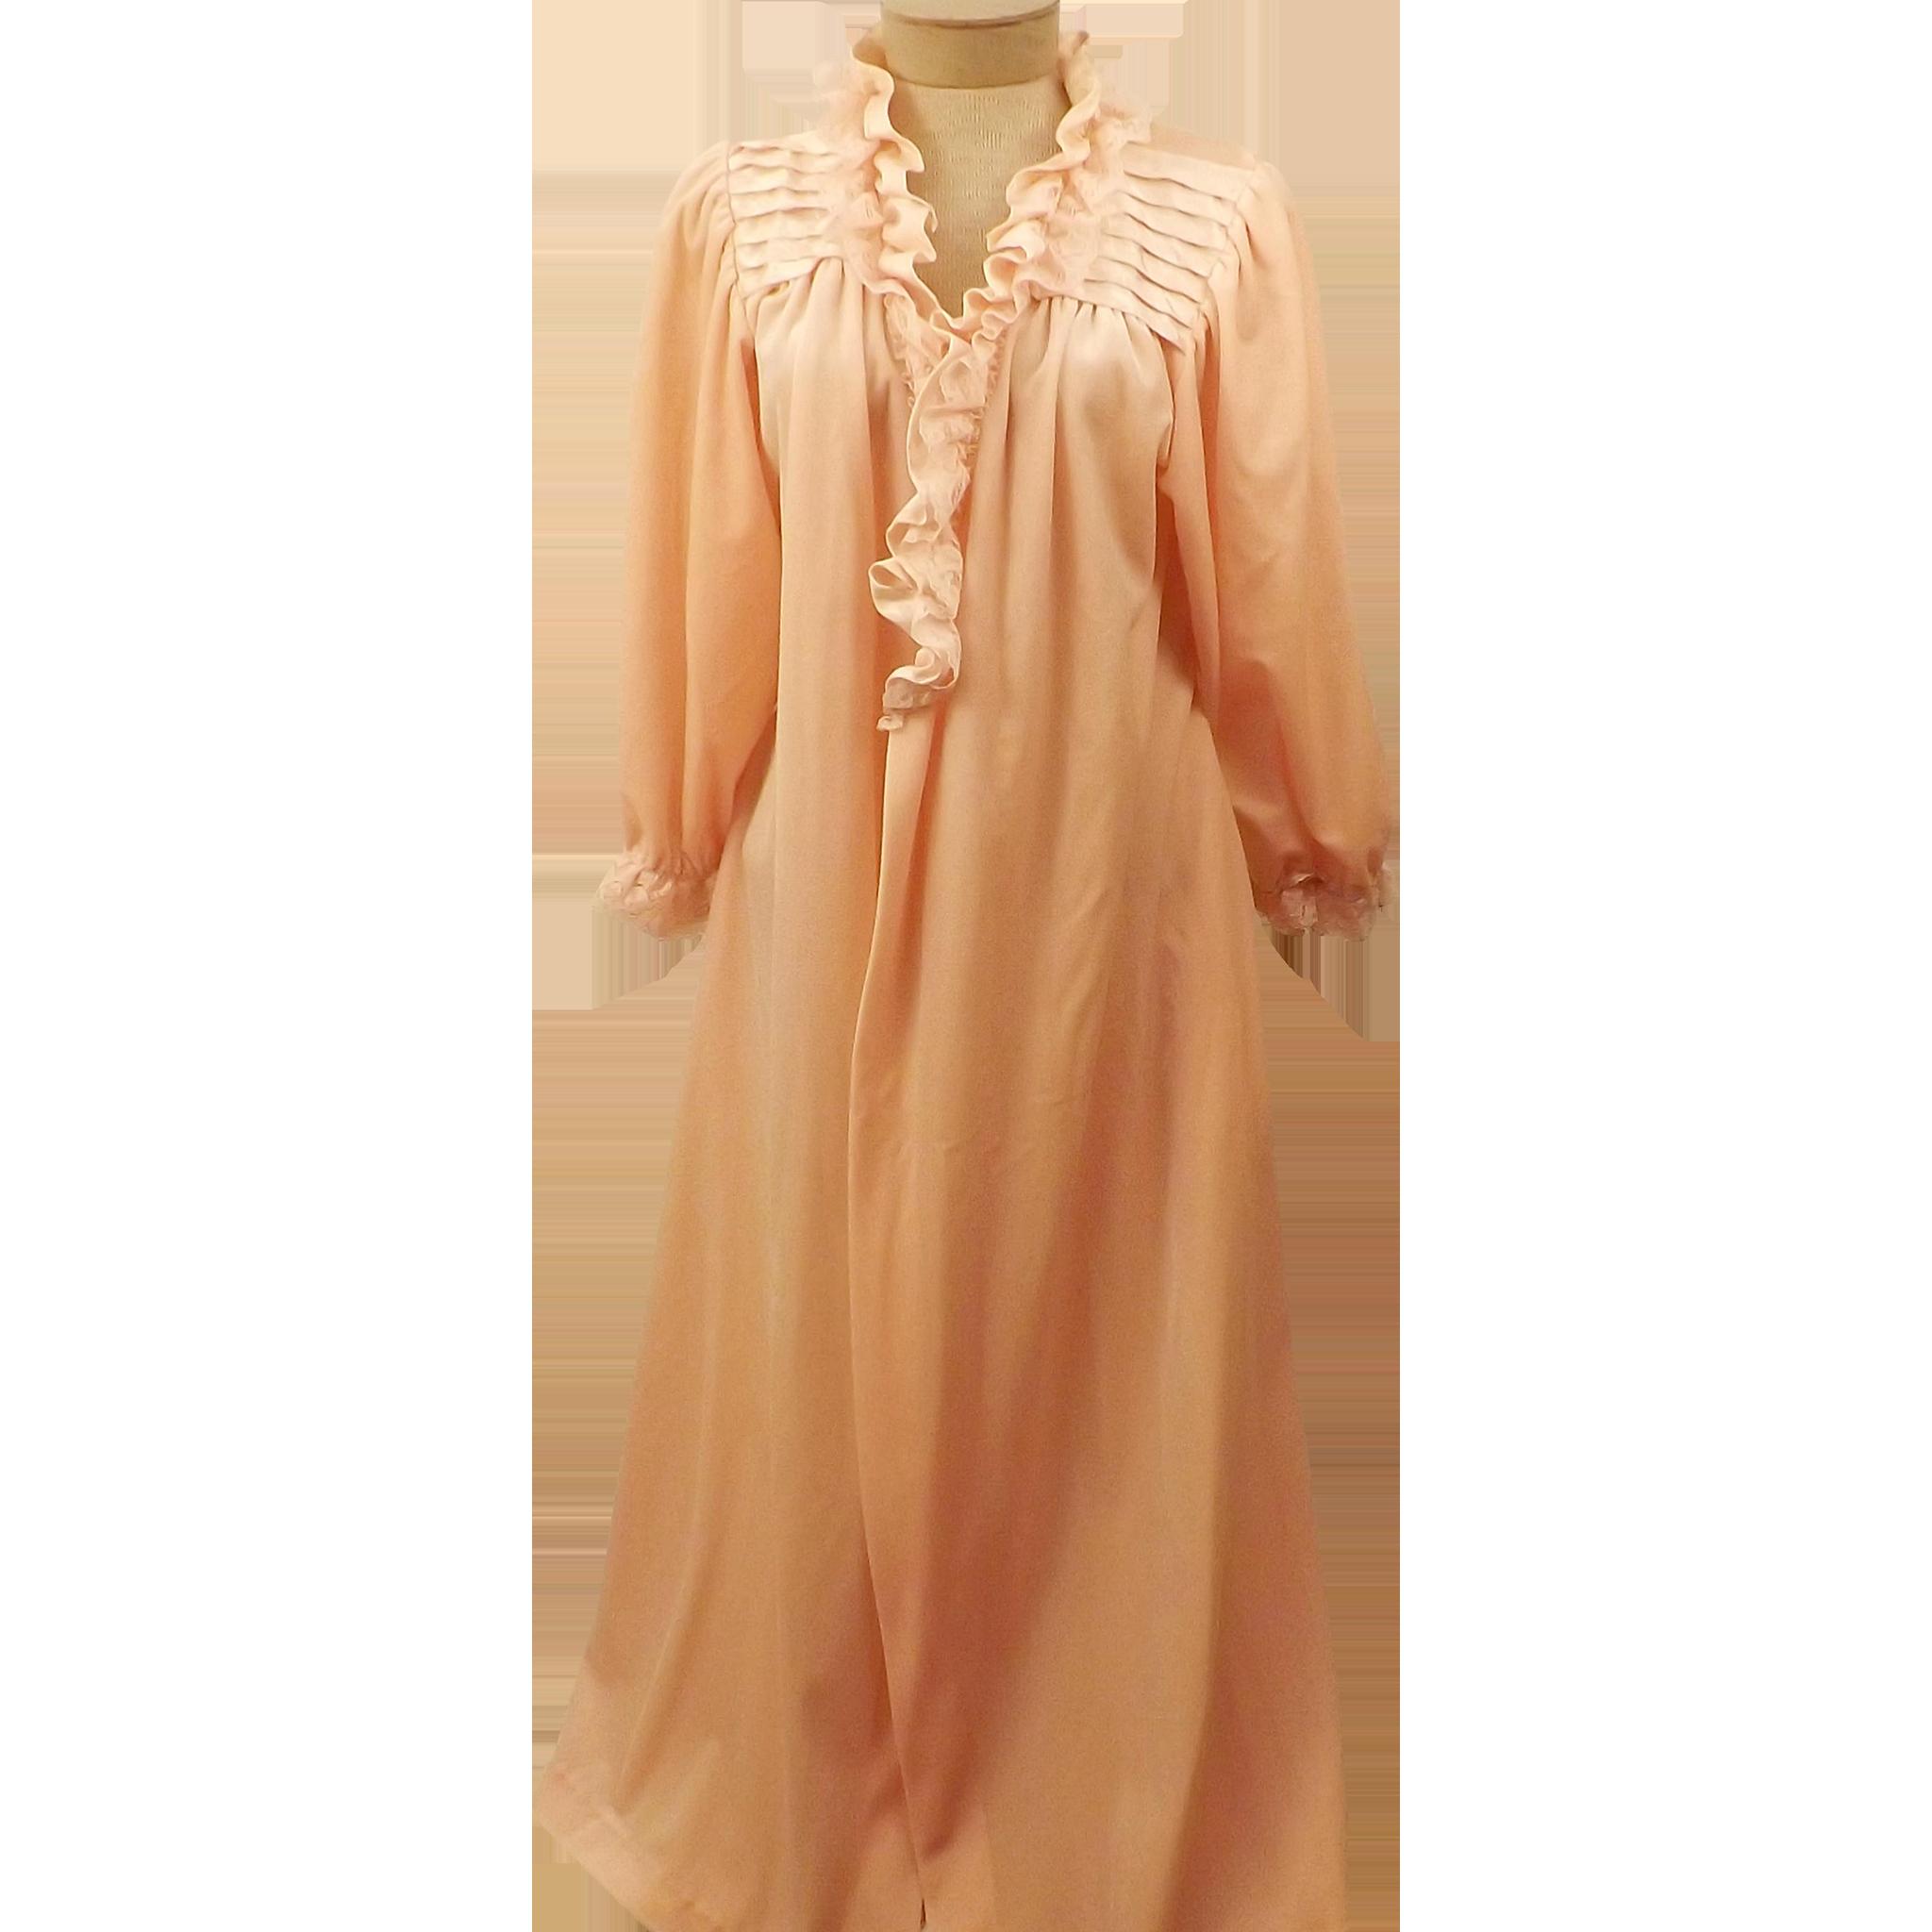 Ungewöhnlich Parteikleid Uk Ideen - Hochzeit Kleid Stile Ideen ...